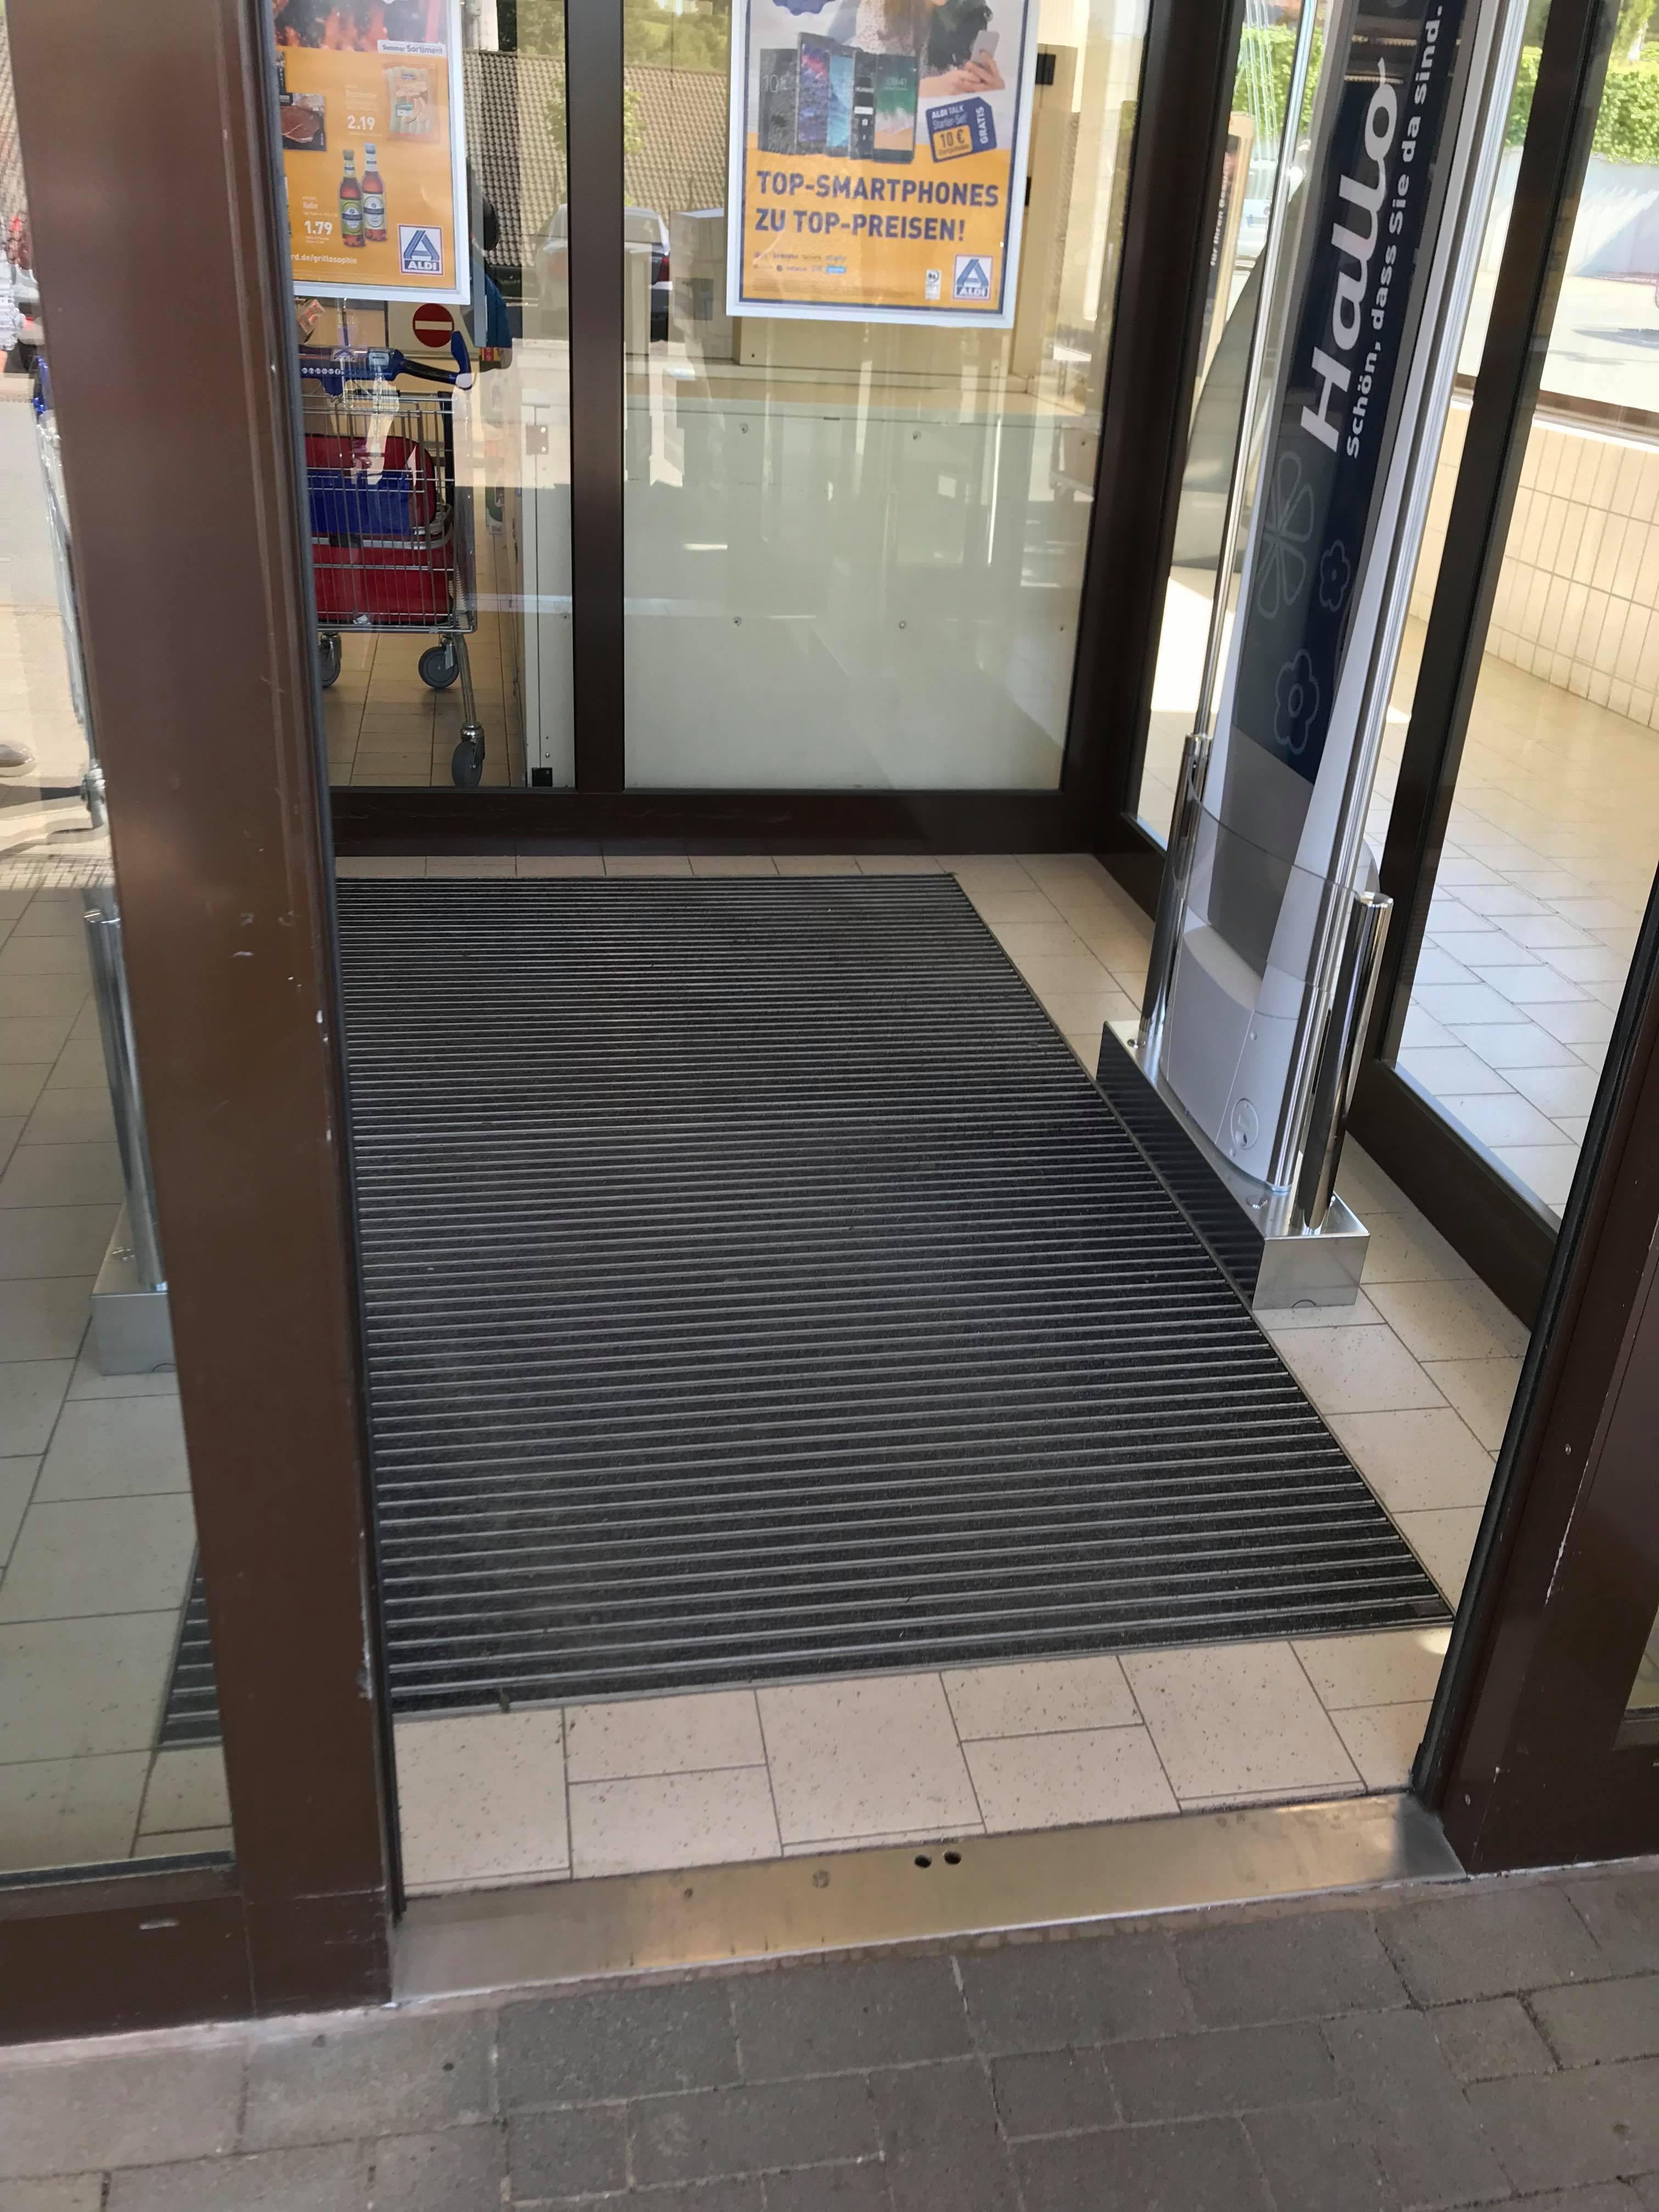 Diese Geheim-Funktion hat der Teppich im Supermarkt | desired.de